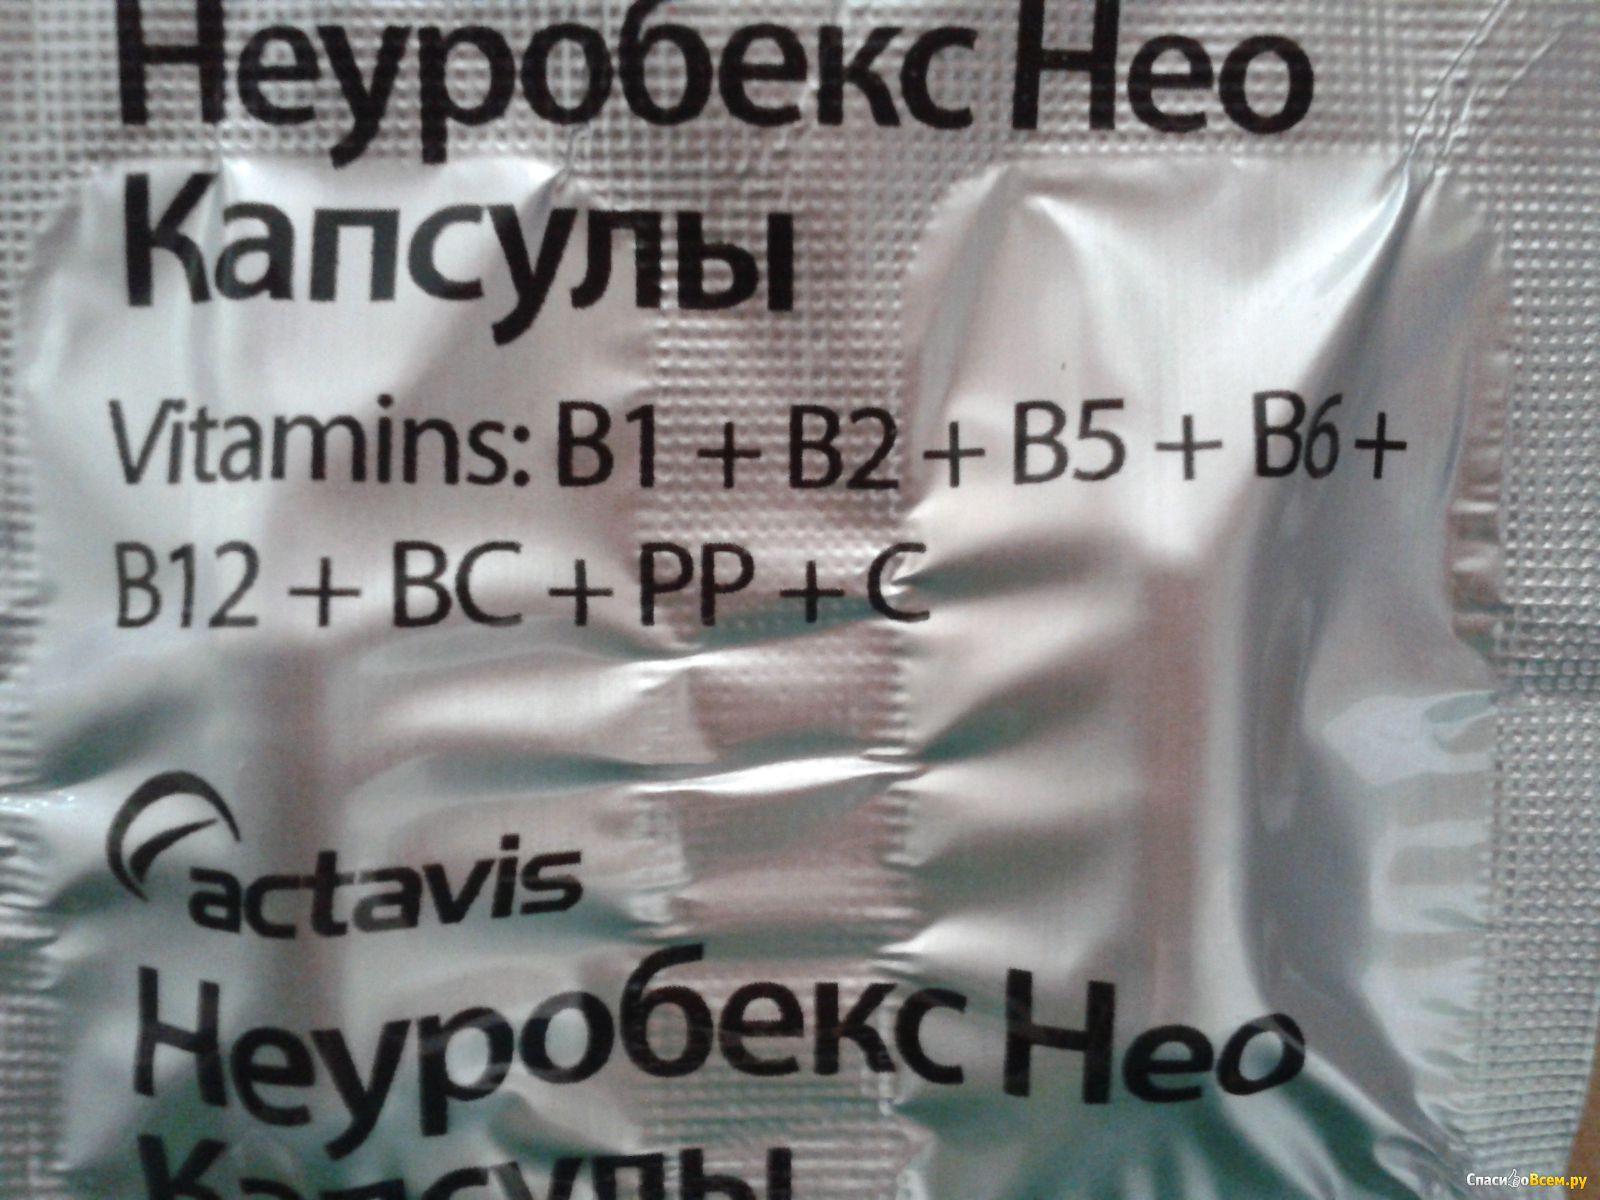 Витамины неуробекс: инструкция по применению препарата